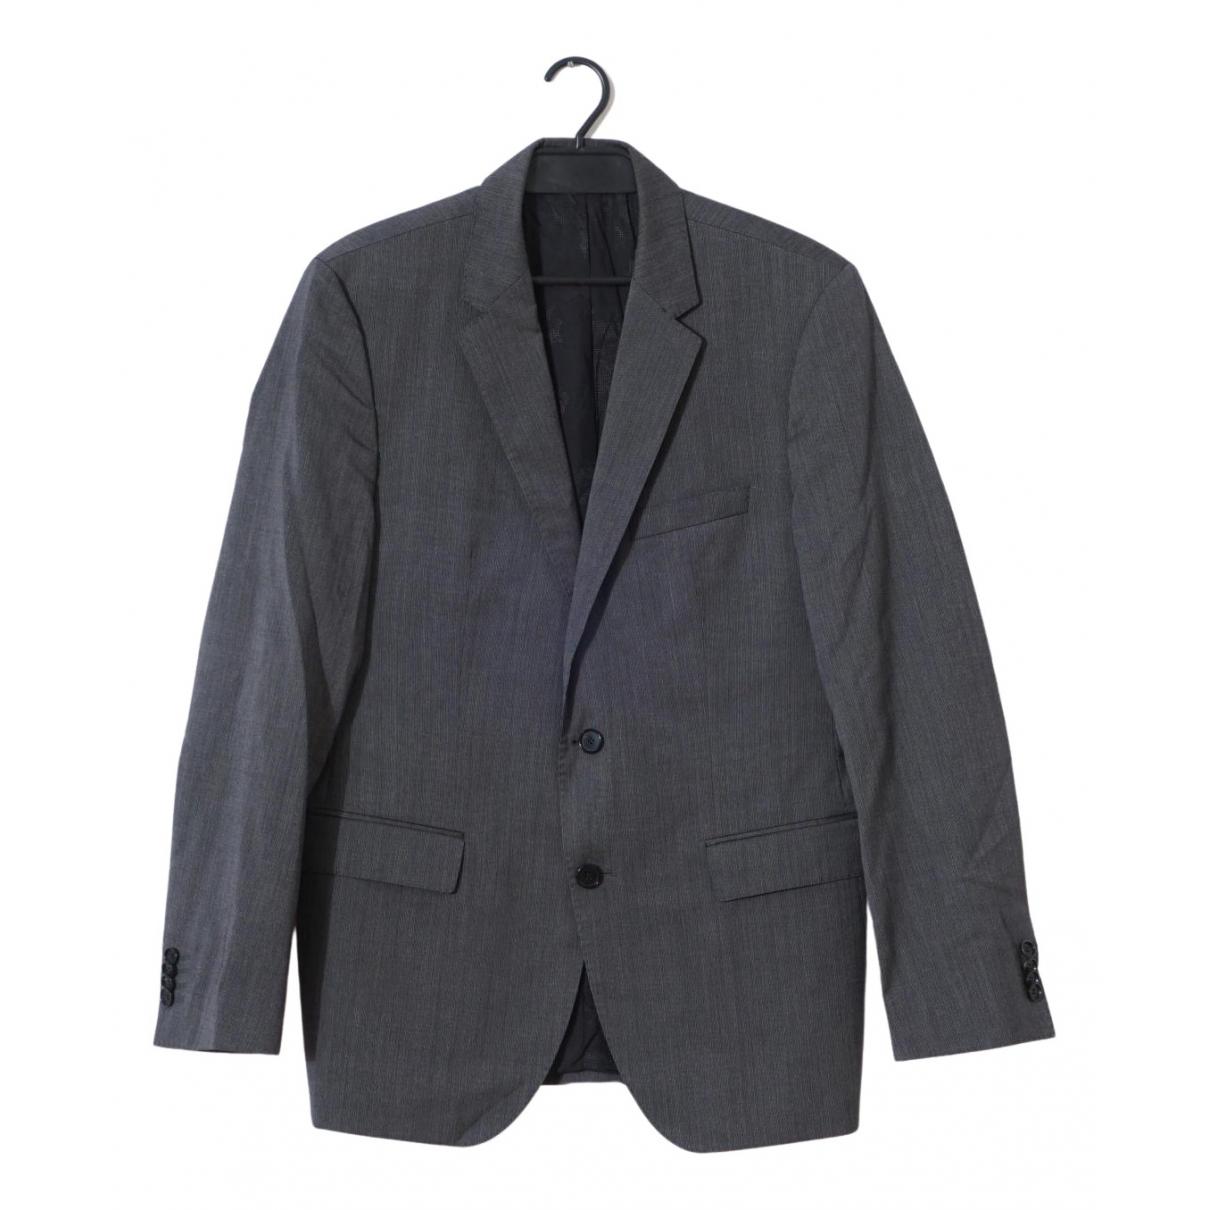 Boss \N Grey Wool jacket  for Men L International